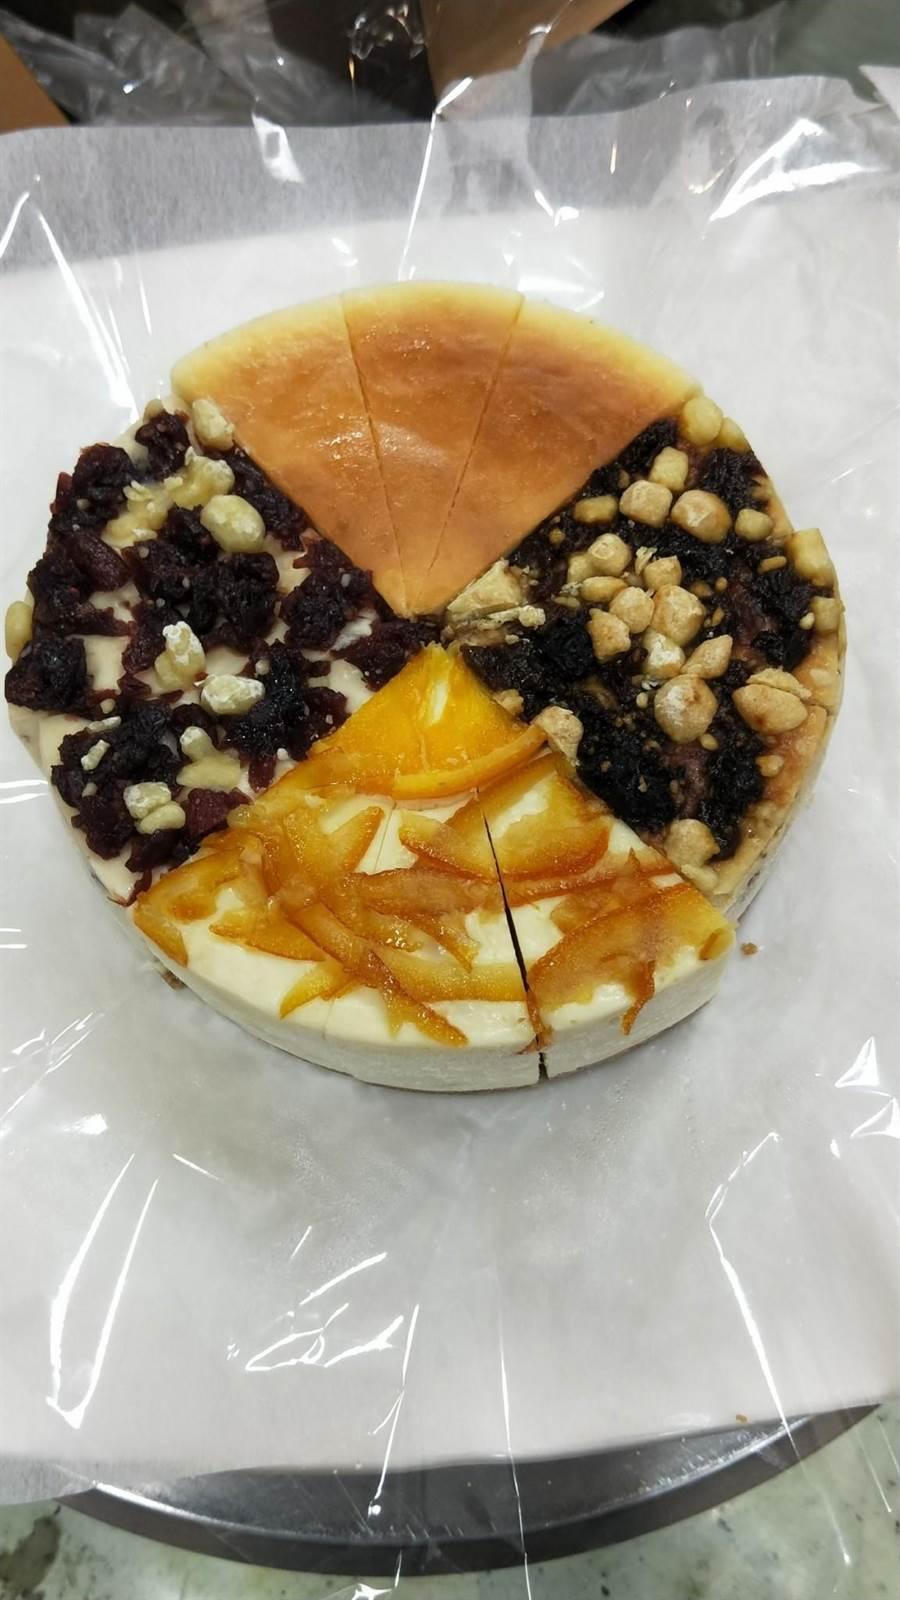 近年來潮州也颳起一波Cheese蛋糕風-心之和。(謝佳潾翻攝)